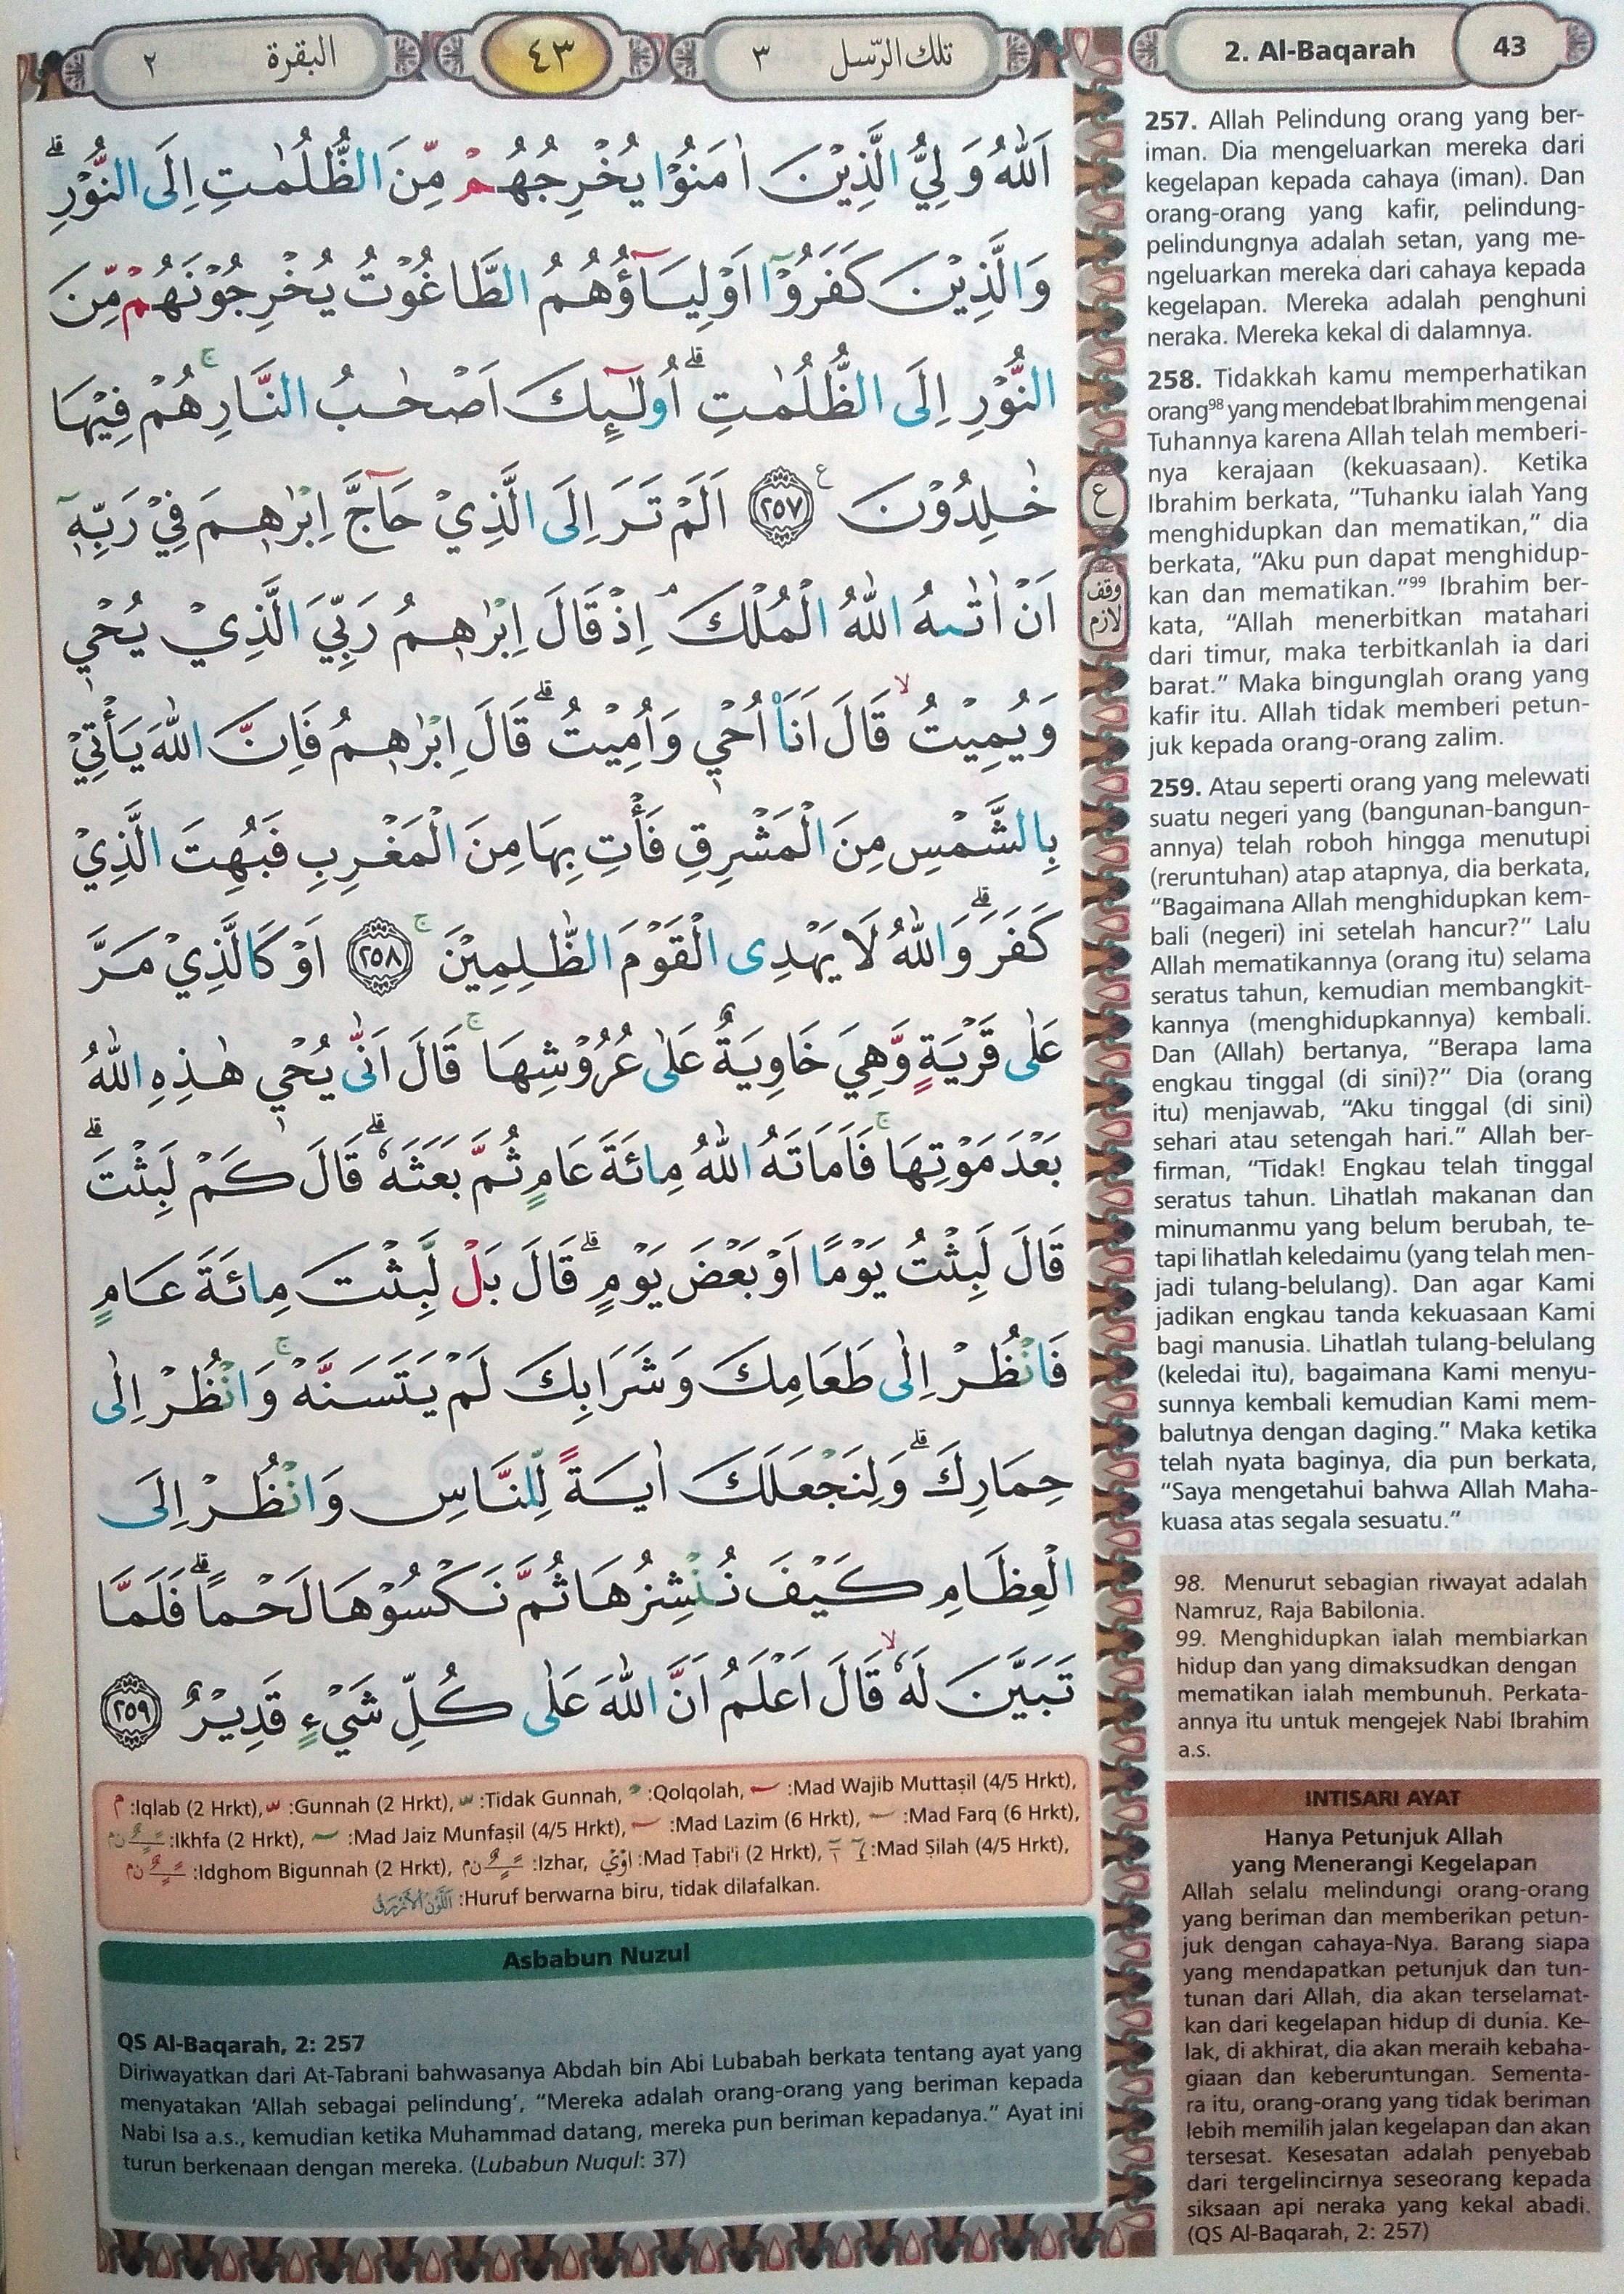 Al Baqarah 257-259